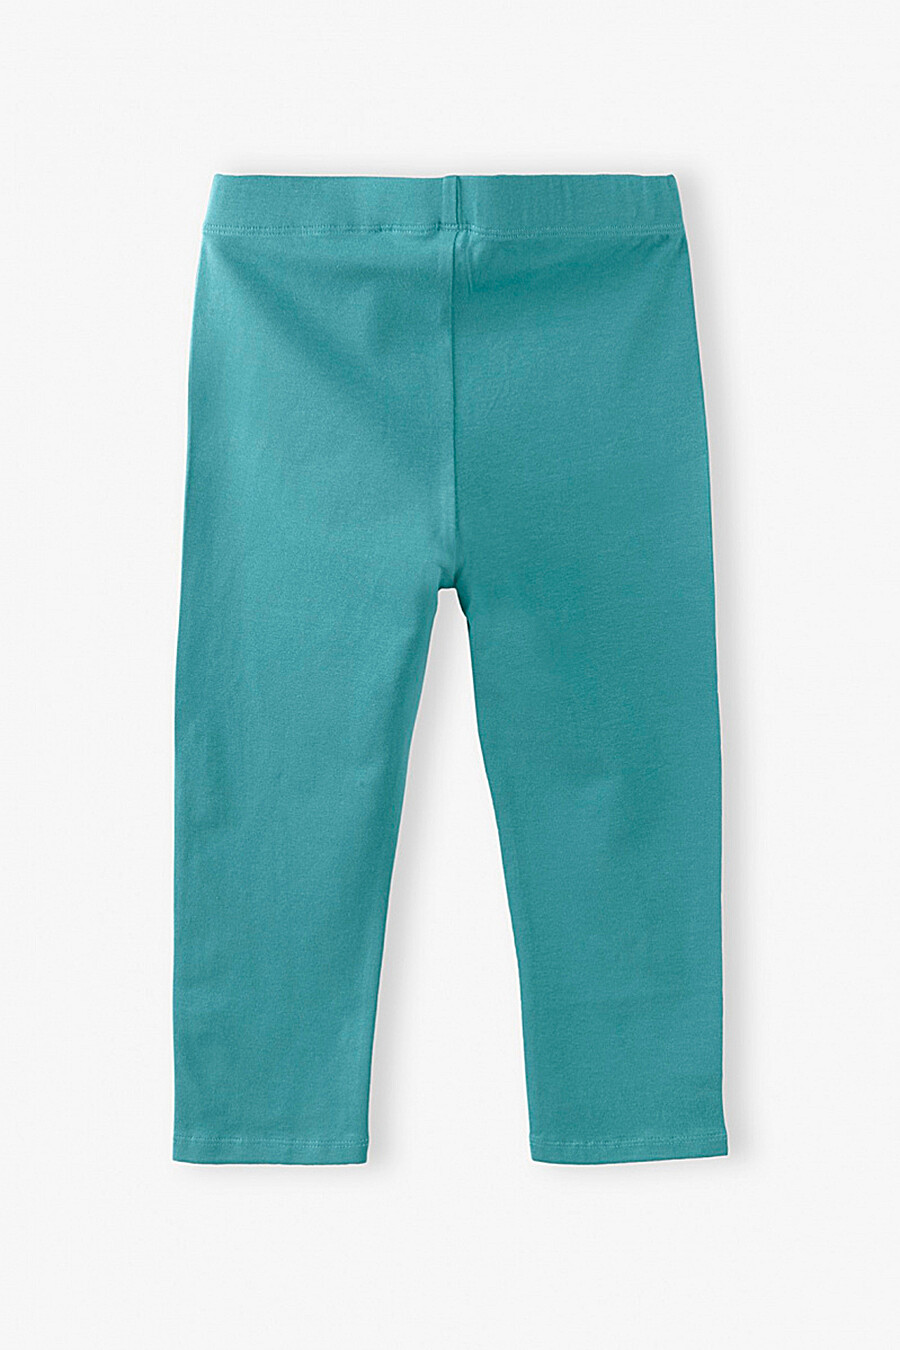 Легинсы для девочек 5.10.15 668444 купить оптом от производителя. Совместная покупка детской одежды в OptMoyo